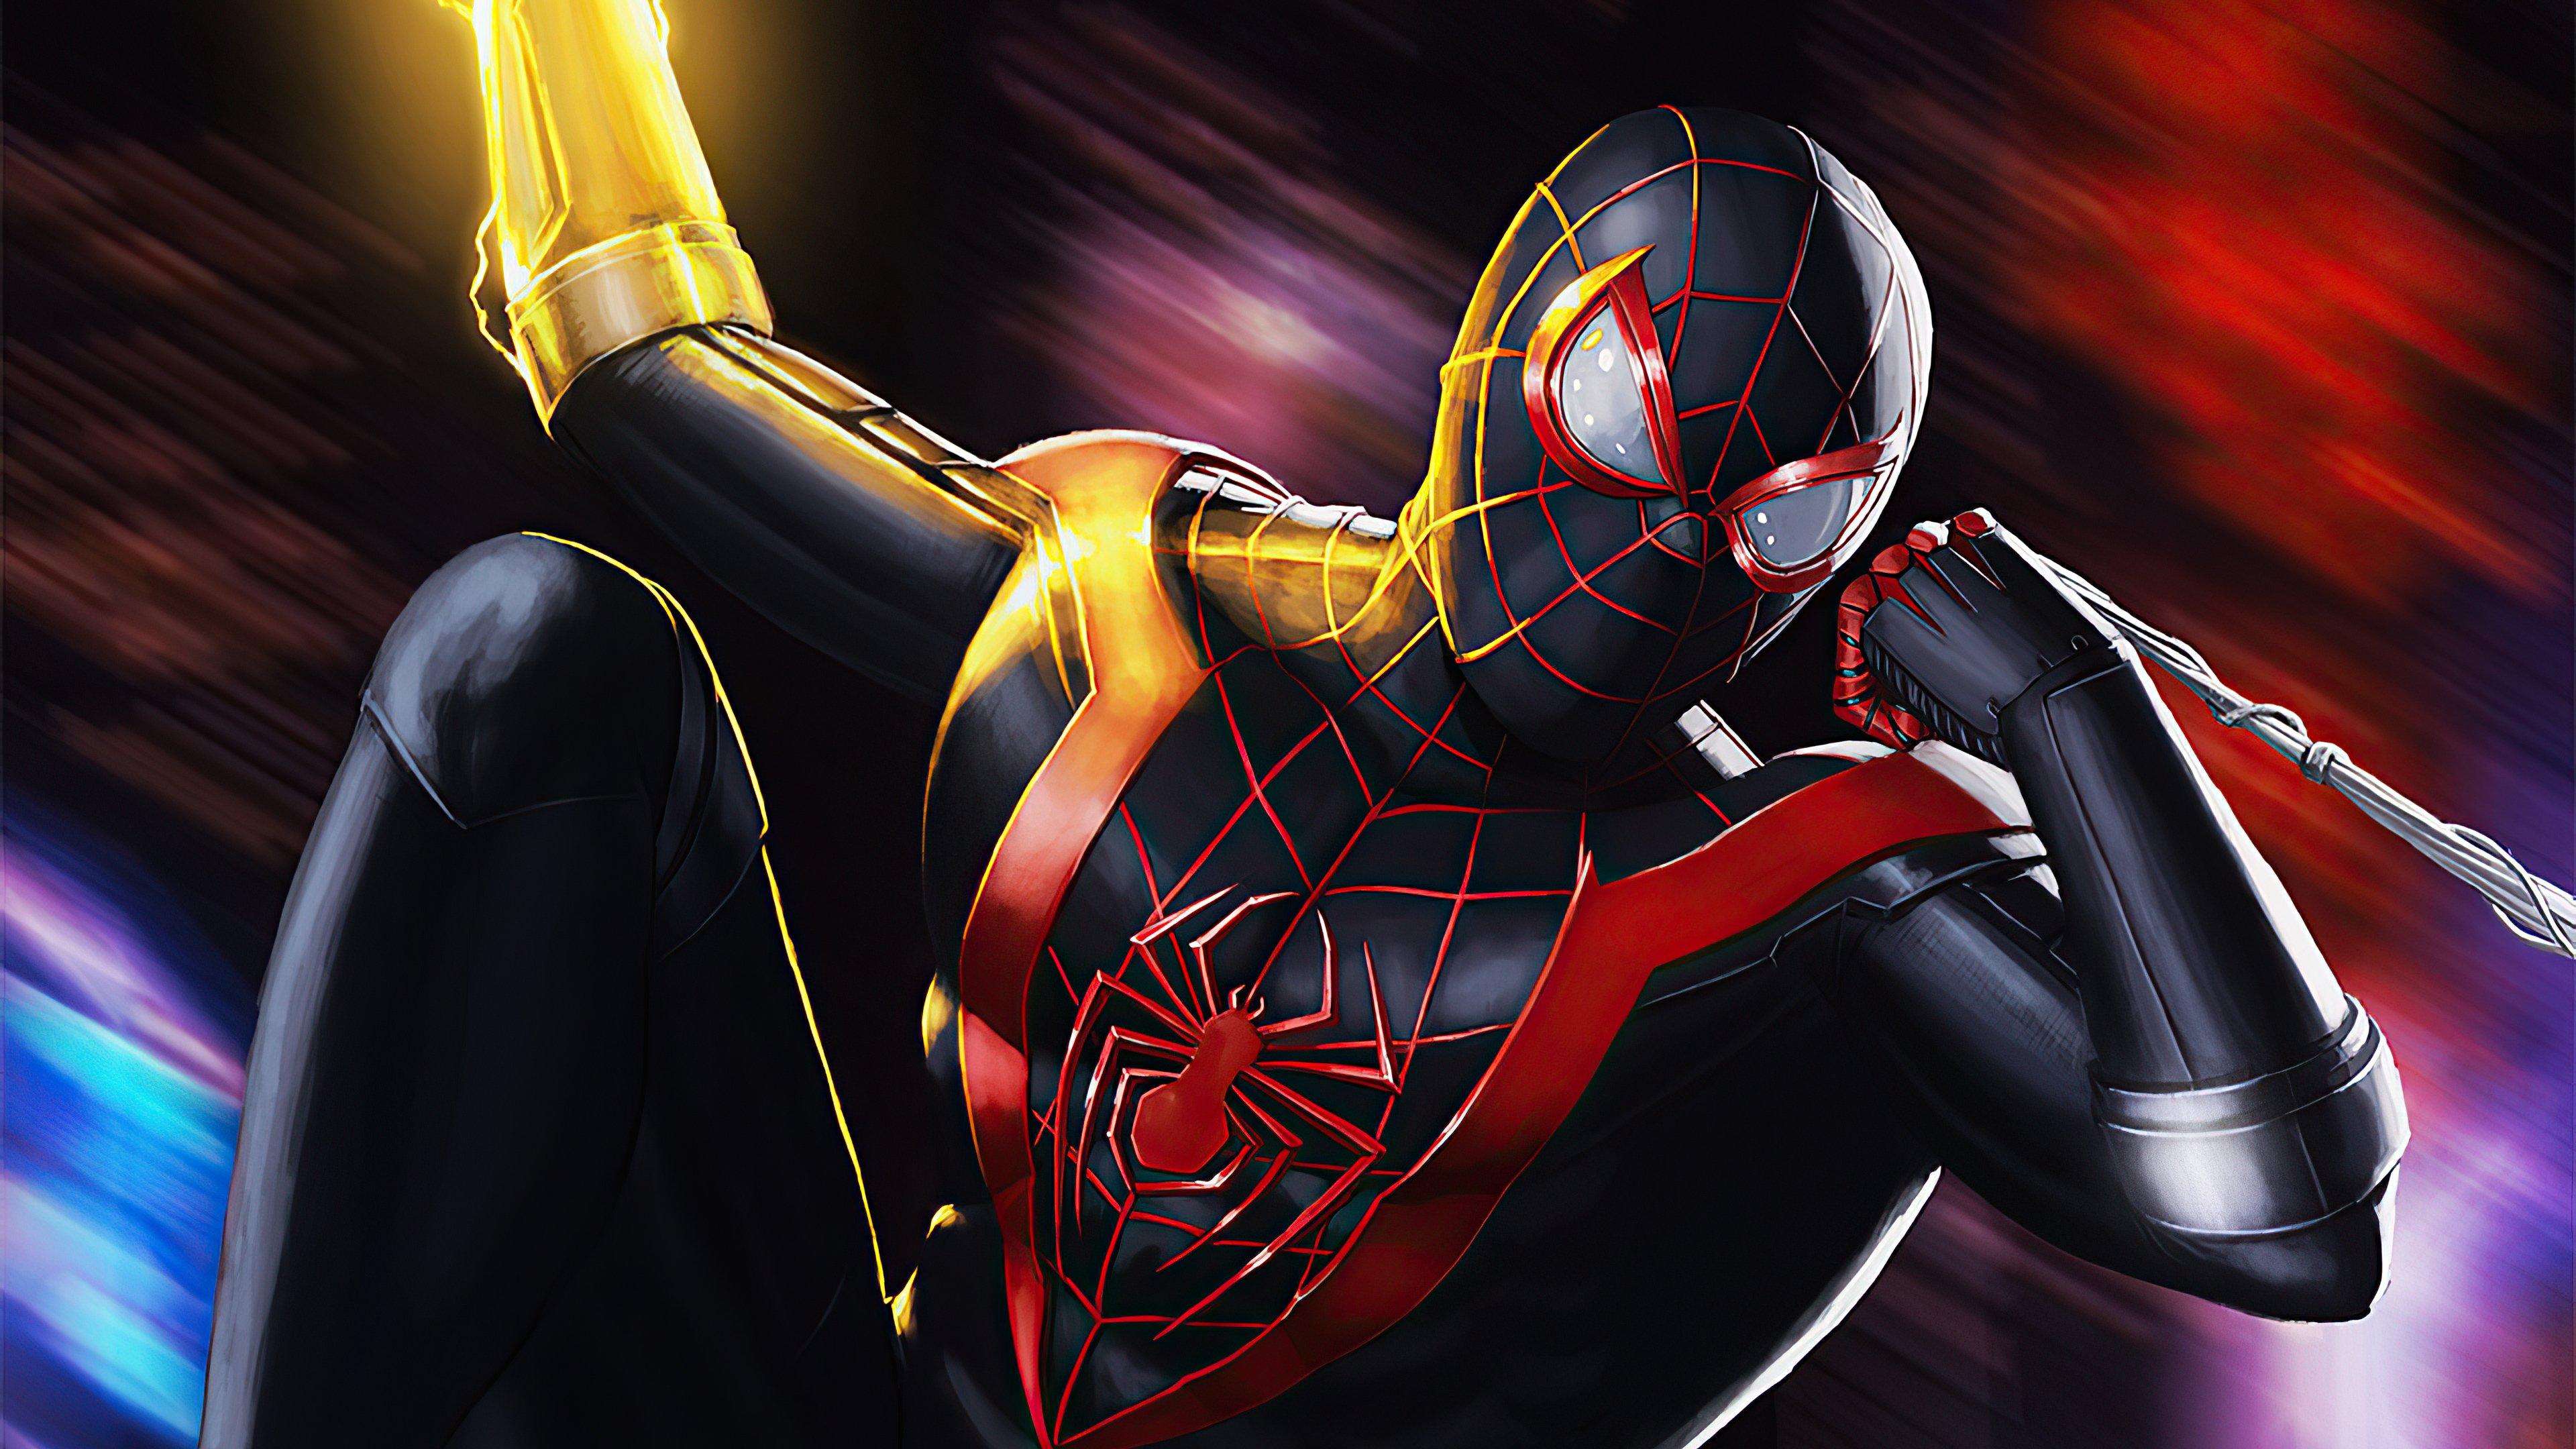 Fondos de pantalla El hombre araña negro Artwork